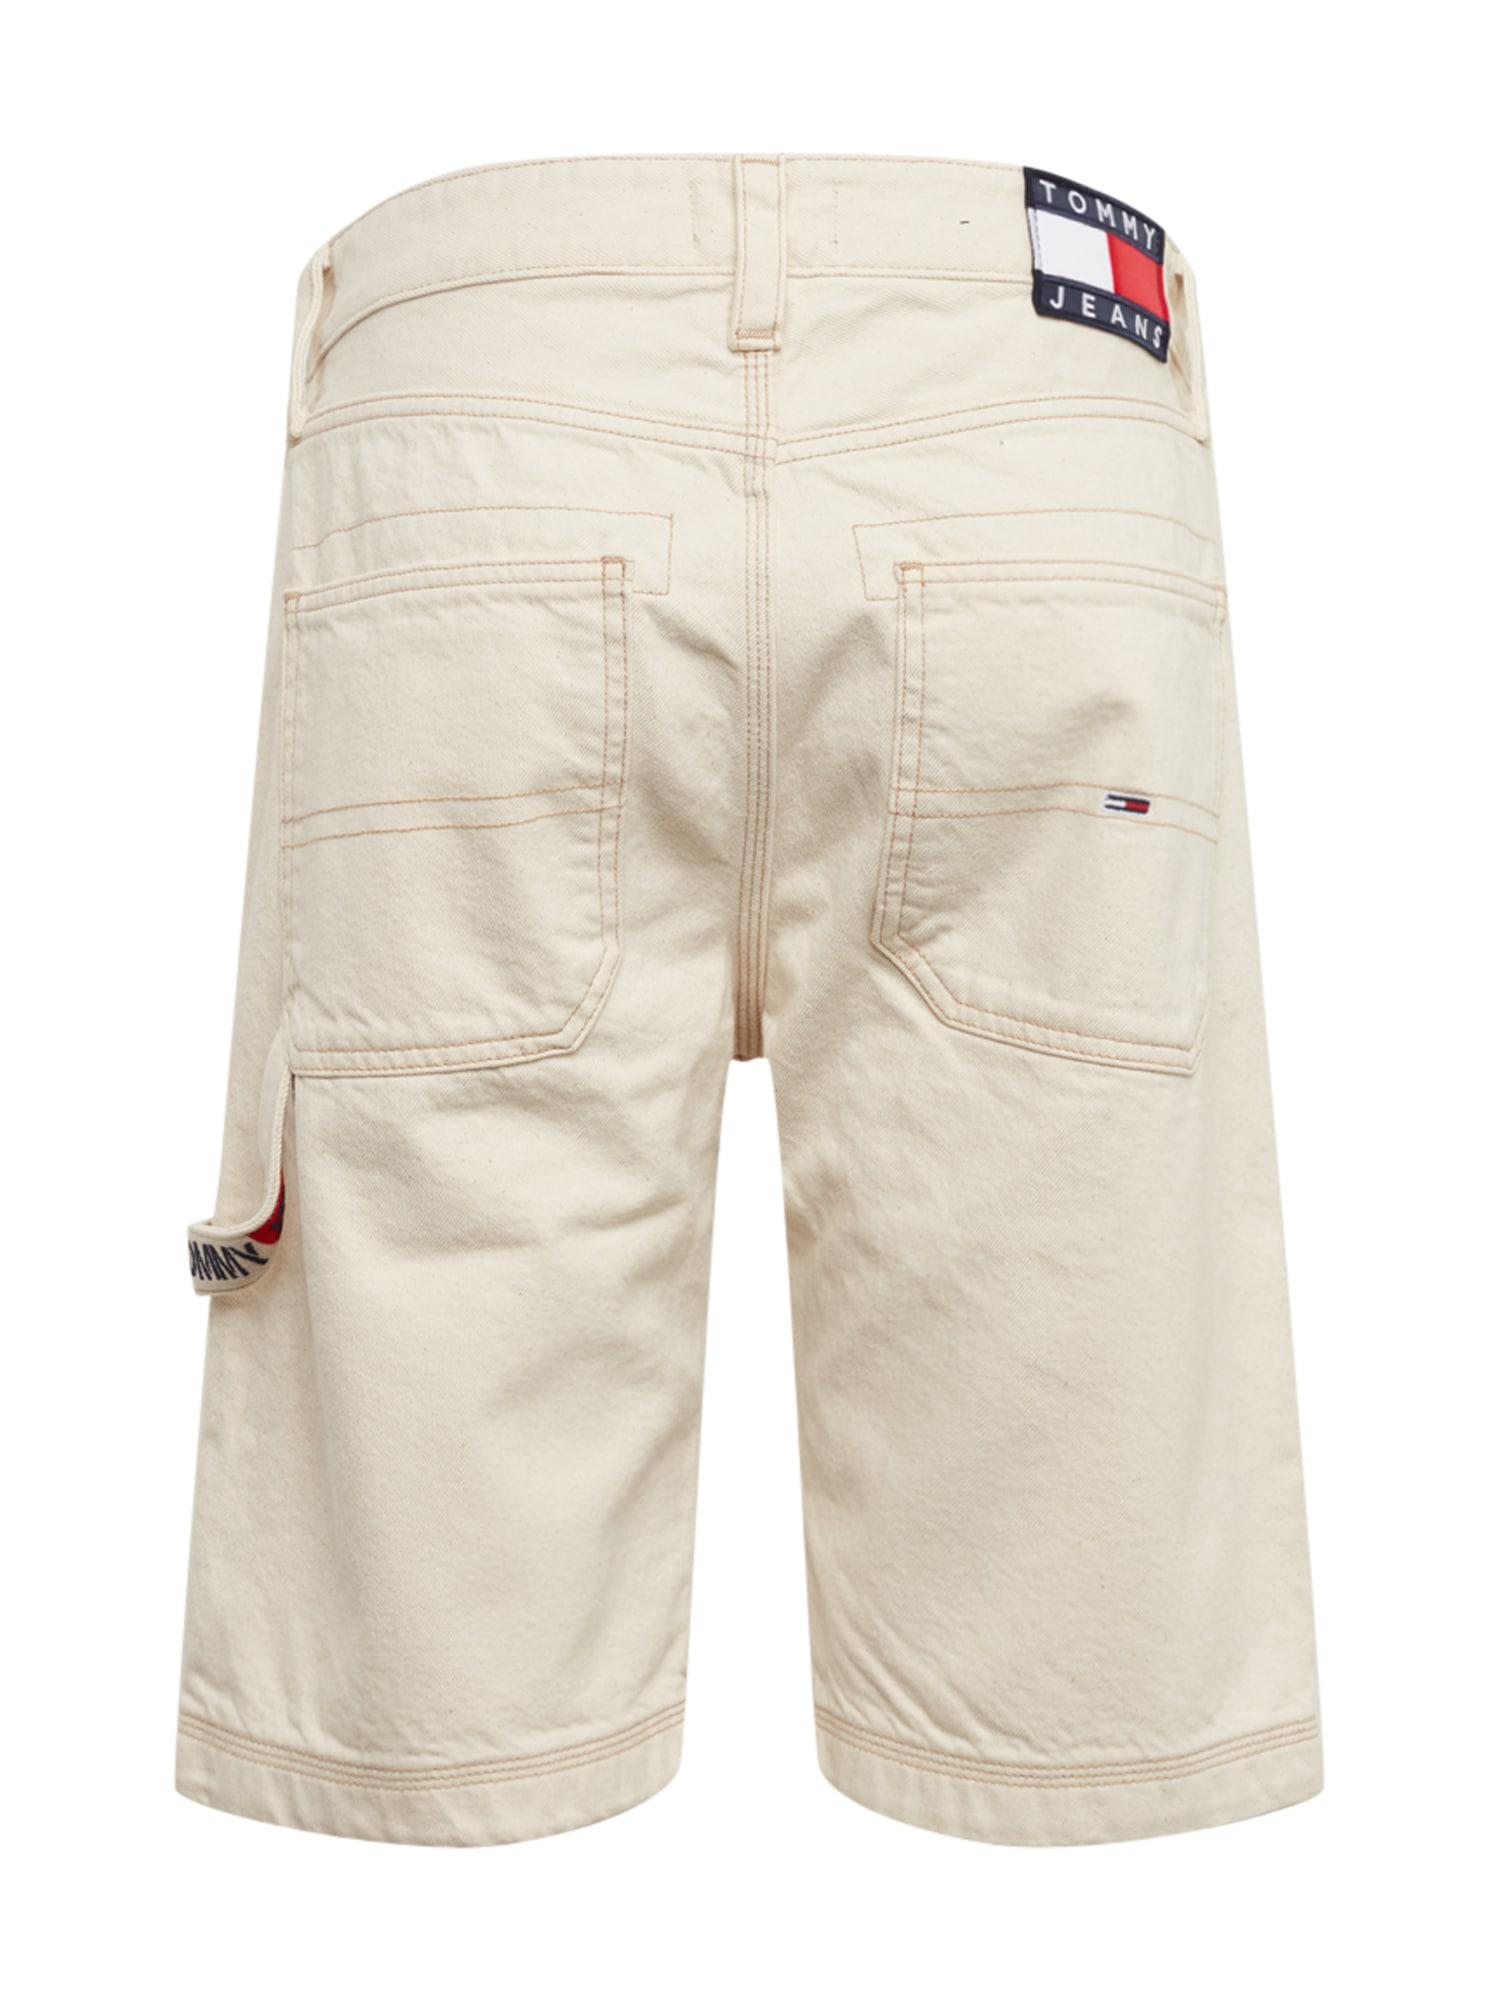 Tommy Jeans Jeans ' Rey '  beige